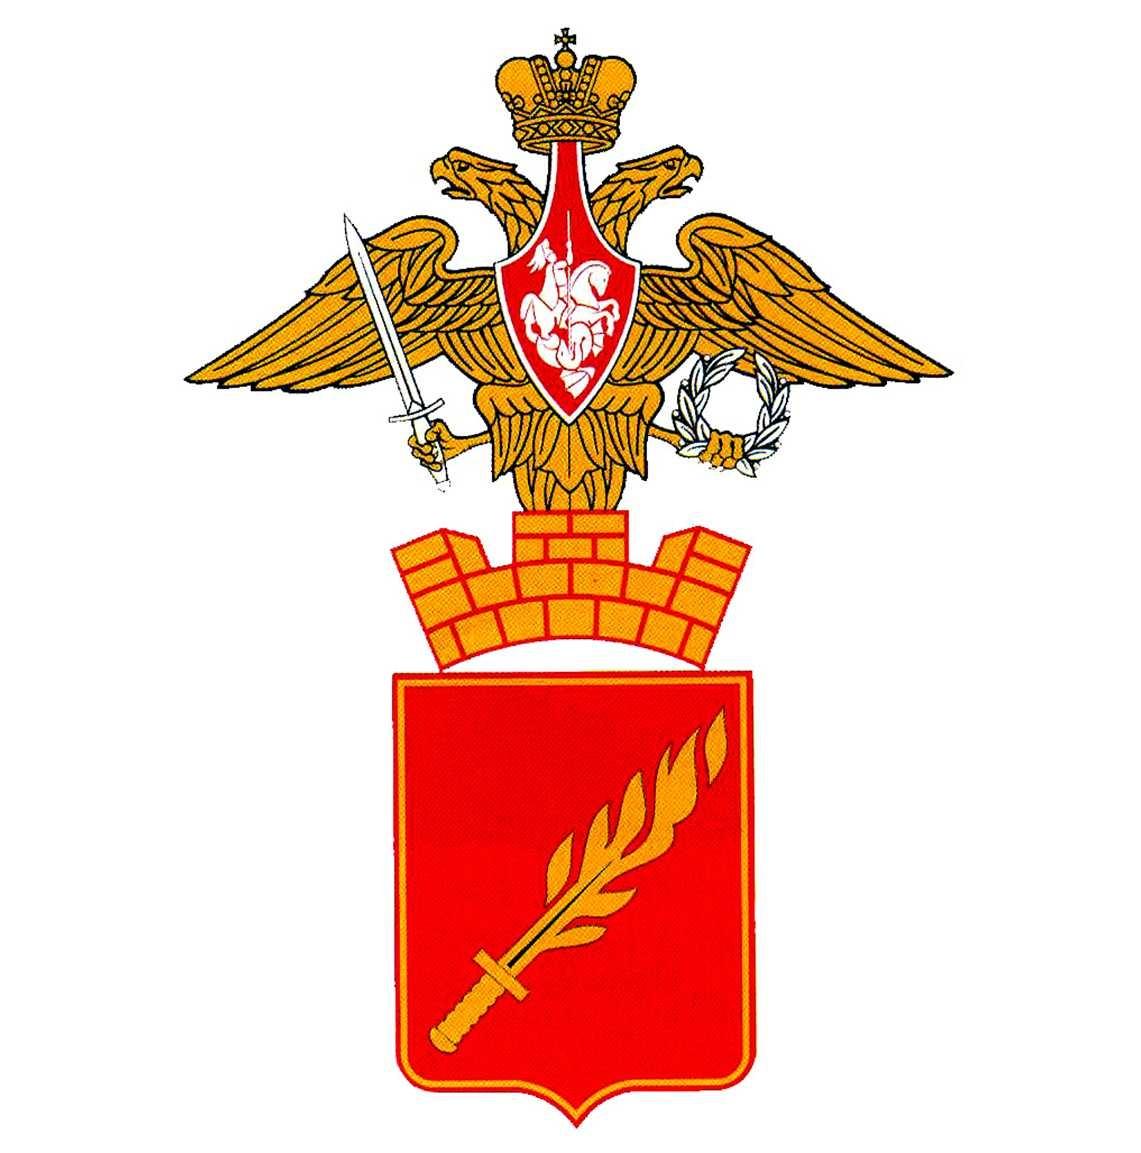 День сотрудников военных комиссариатов - 8 апреля 2018